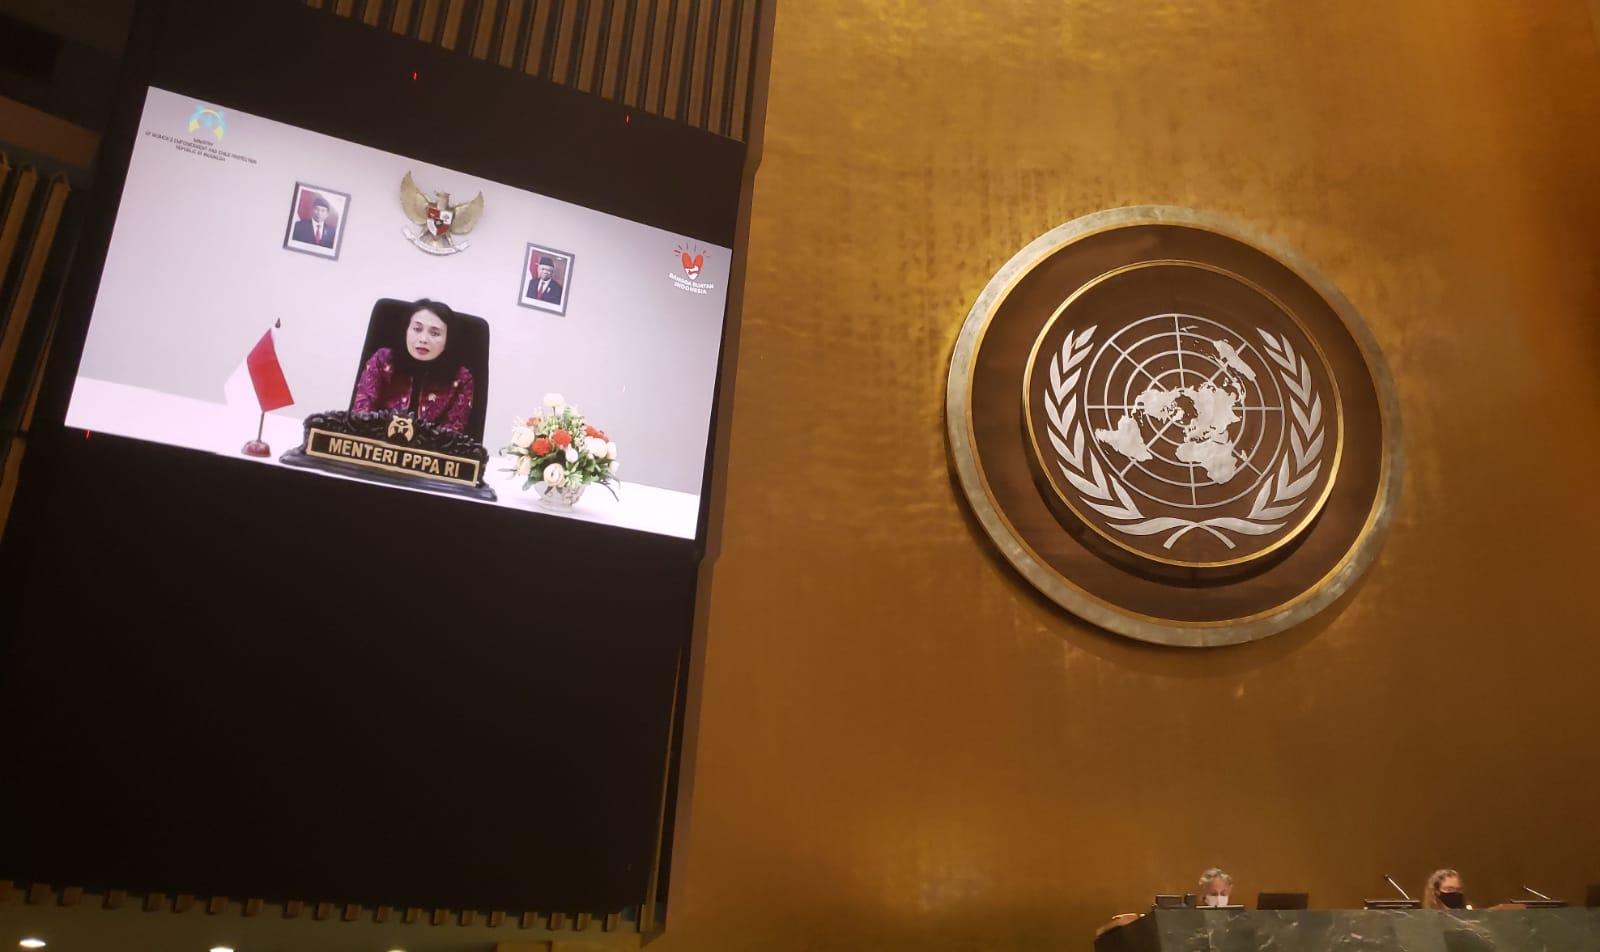 Hadiri Beijing Platform for Action, Menteri Bintang: Perkuat Kolaborasi Wujudkan Kesetaraan Gender